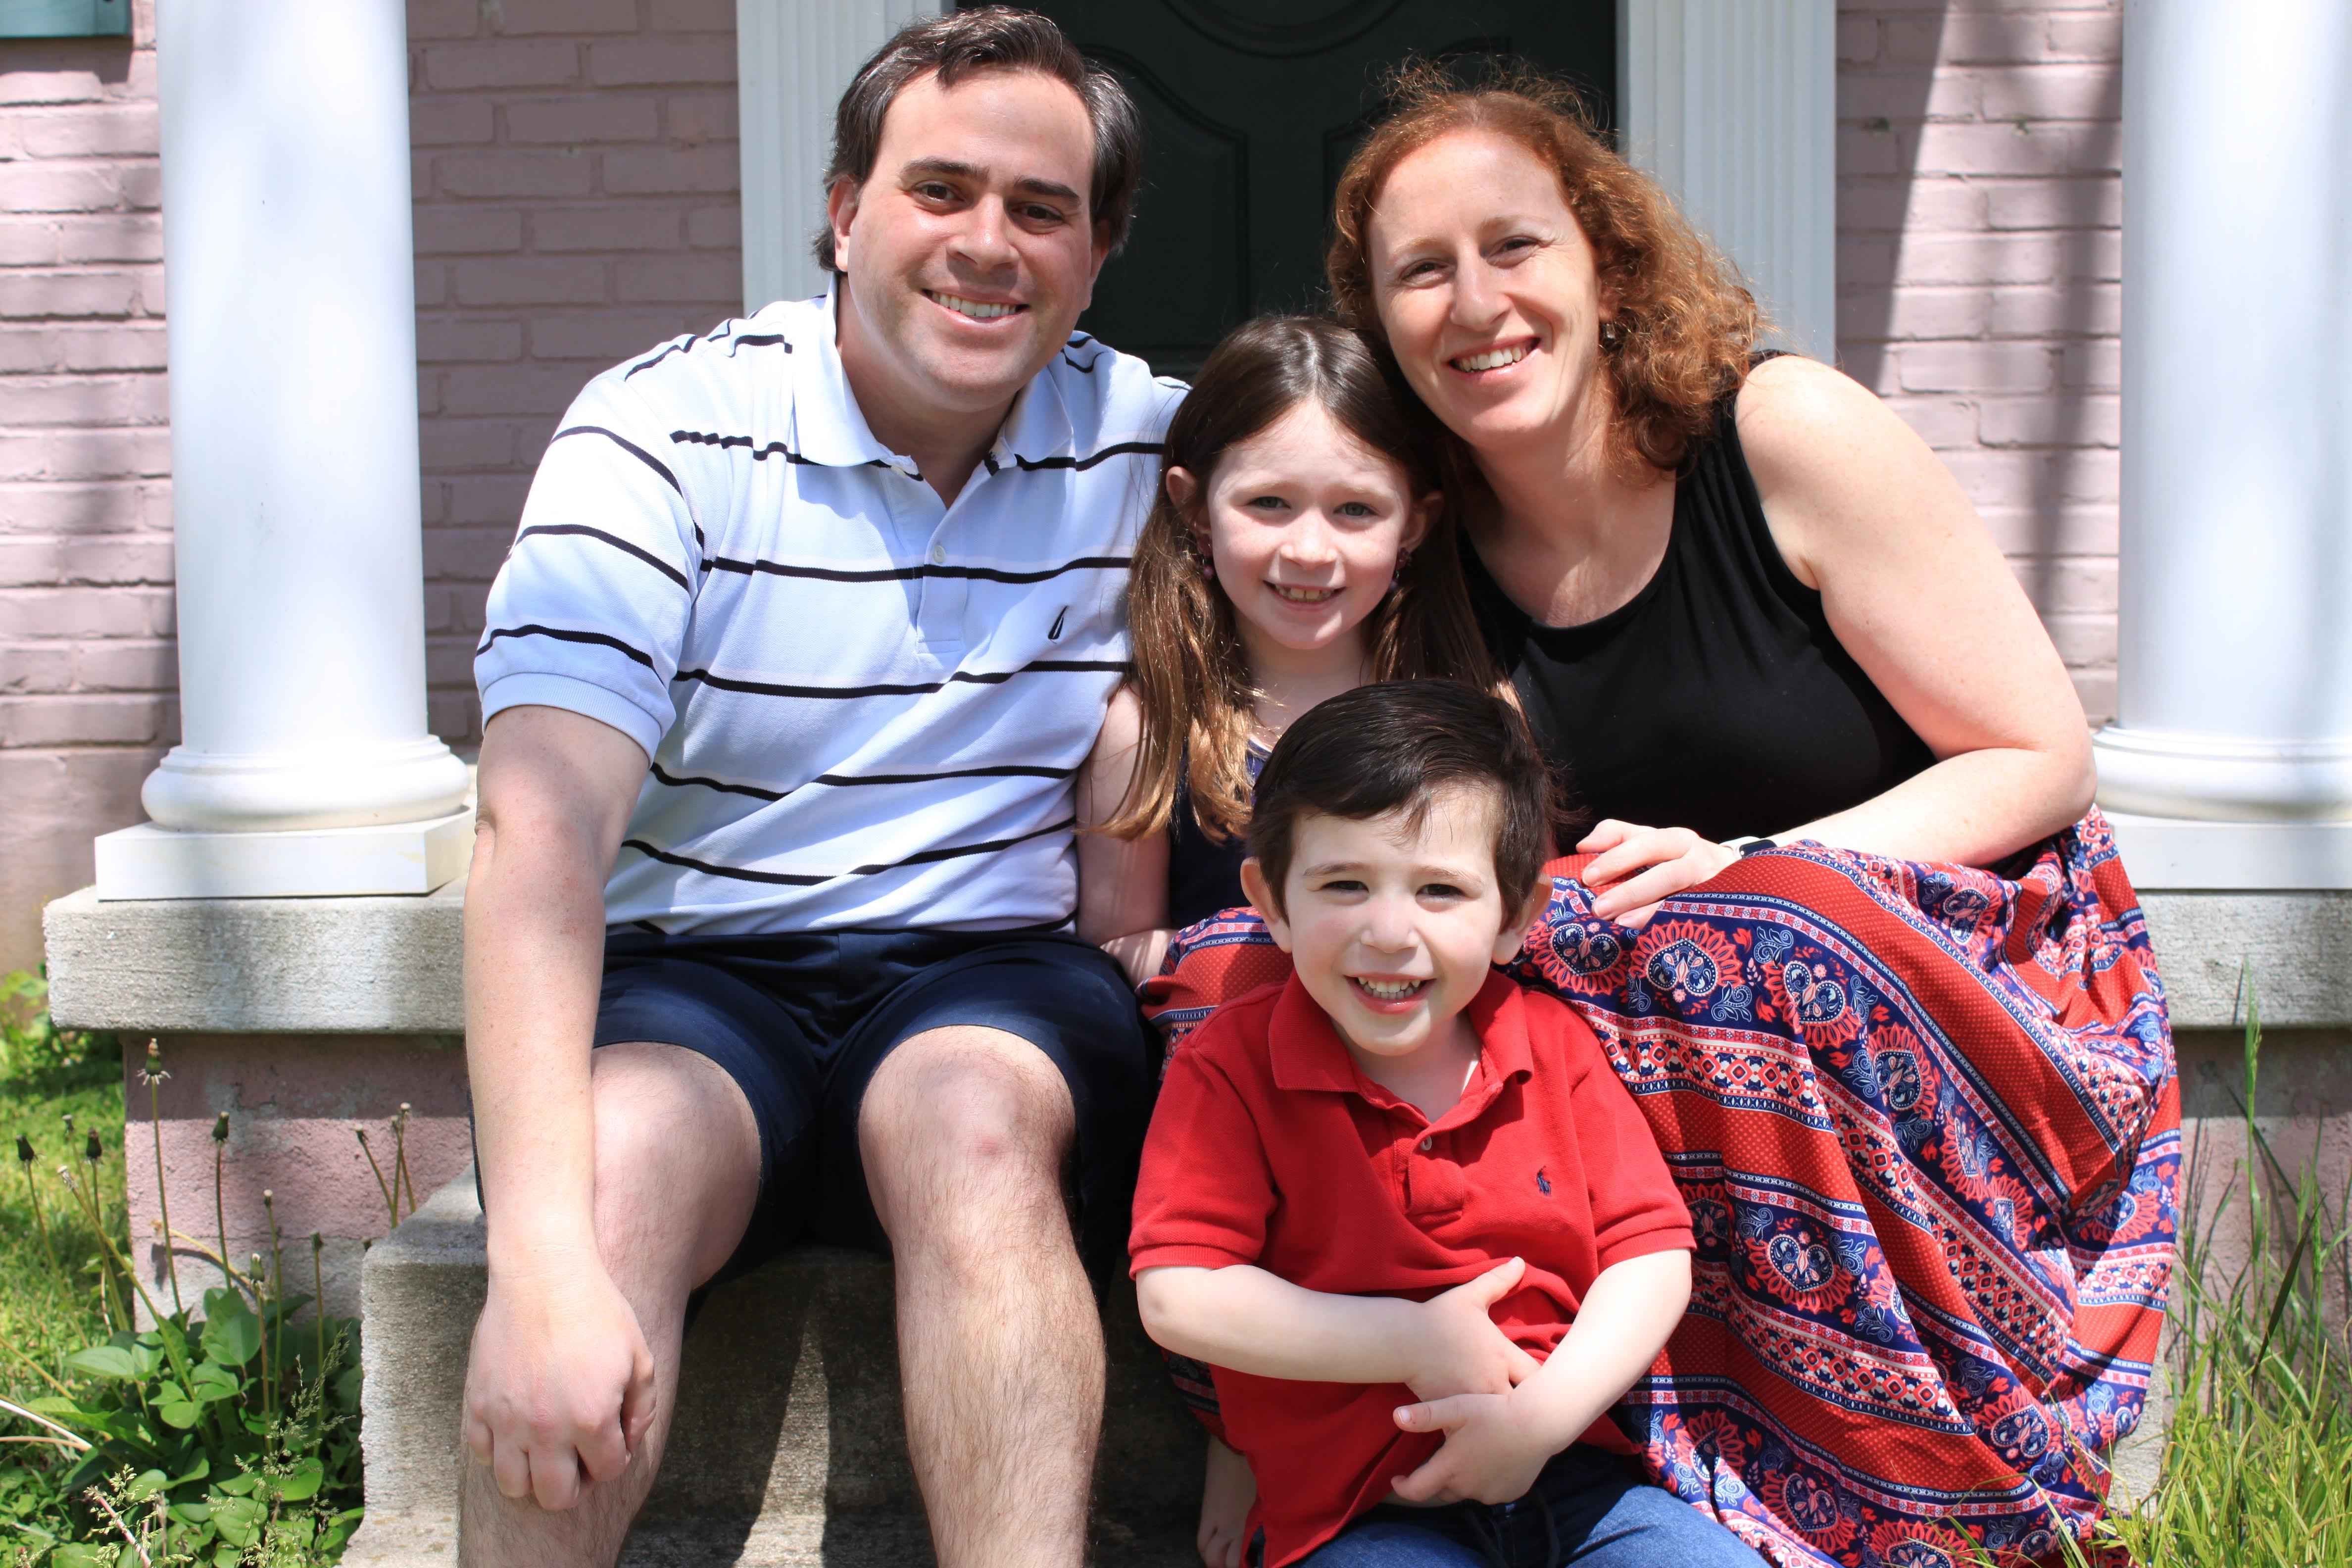 Obiteljski portret - snimio ga je socijalno udaljeni fotograf - Daniela Horowitza sa suprugom, Danom Horowitz, kćerkom Emily i sinom Adamom, 5. svibnja 2020.